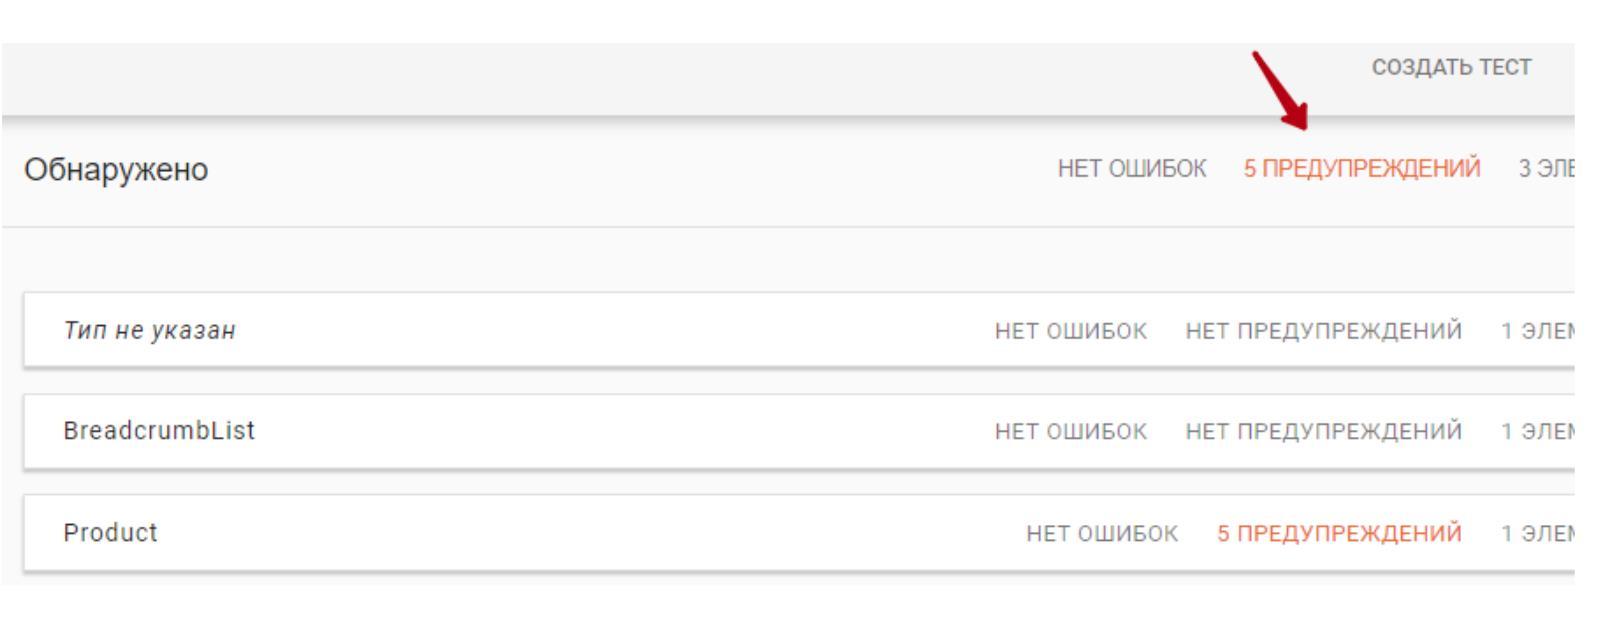 проблемы с микроразметкой на сайте jabko.ua